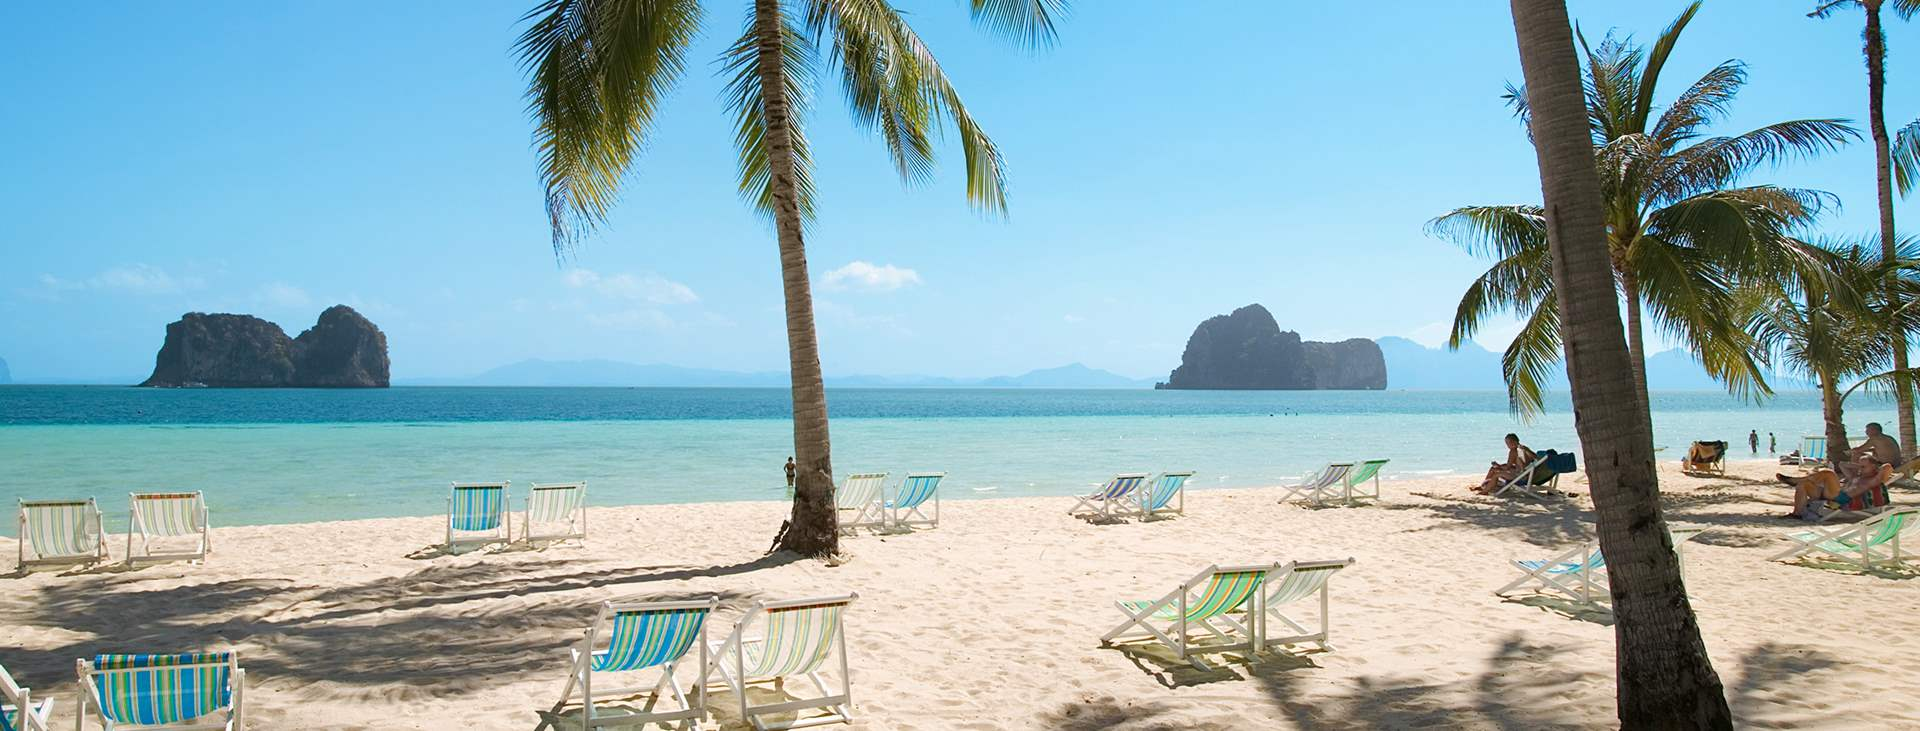 Bestill en reise med Ving til vakre Koh Ngai i Thailand